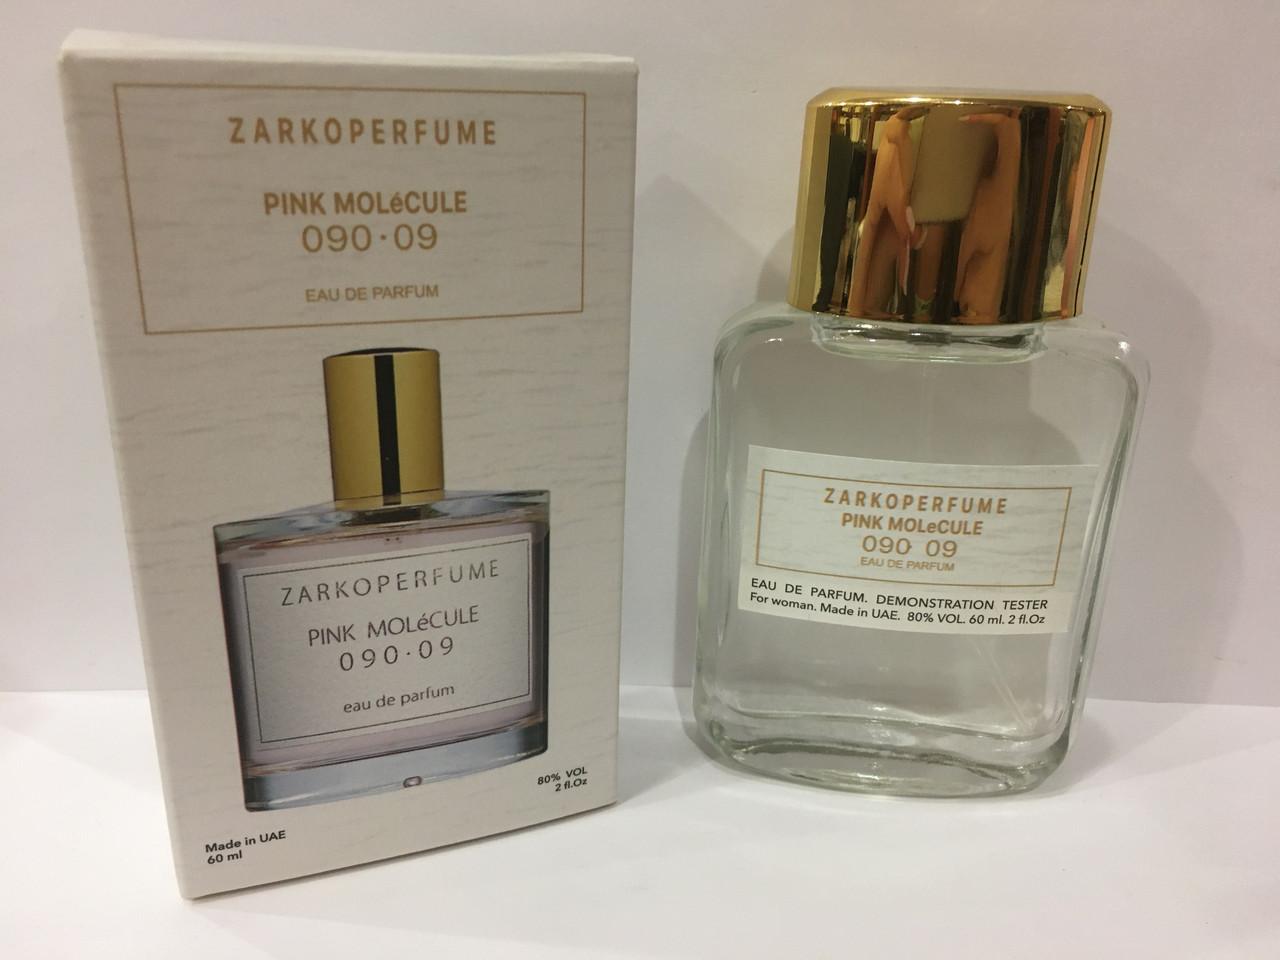 Унісекс парфуми міні тестер Zarkoperfume Pink Molecule 090.09 DutyFree 60 мл (Молекула 09)